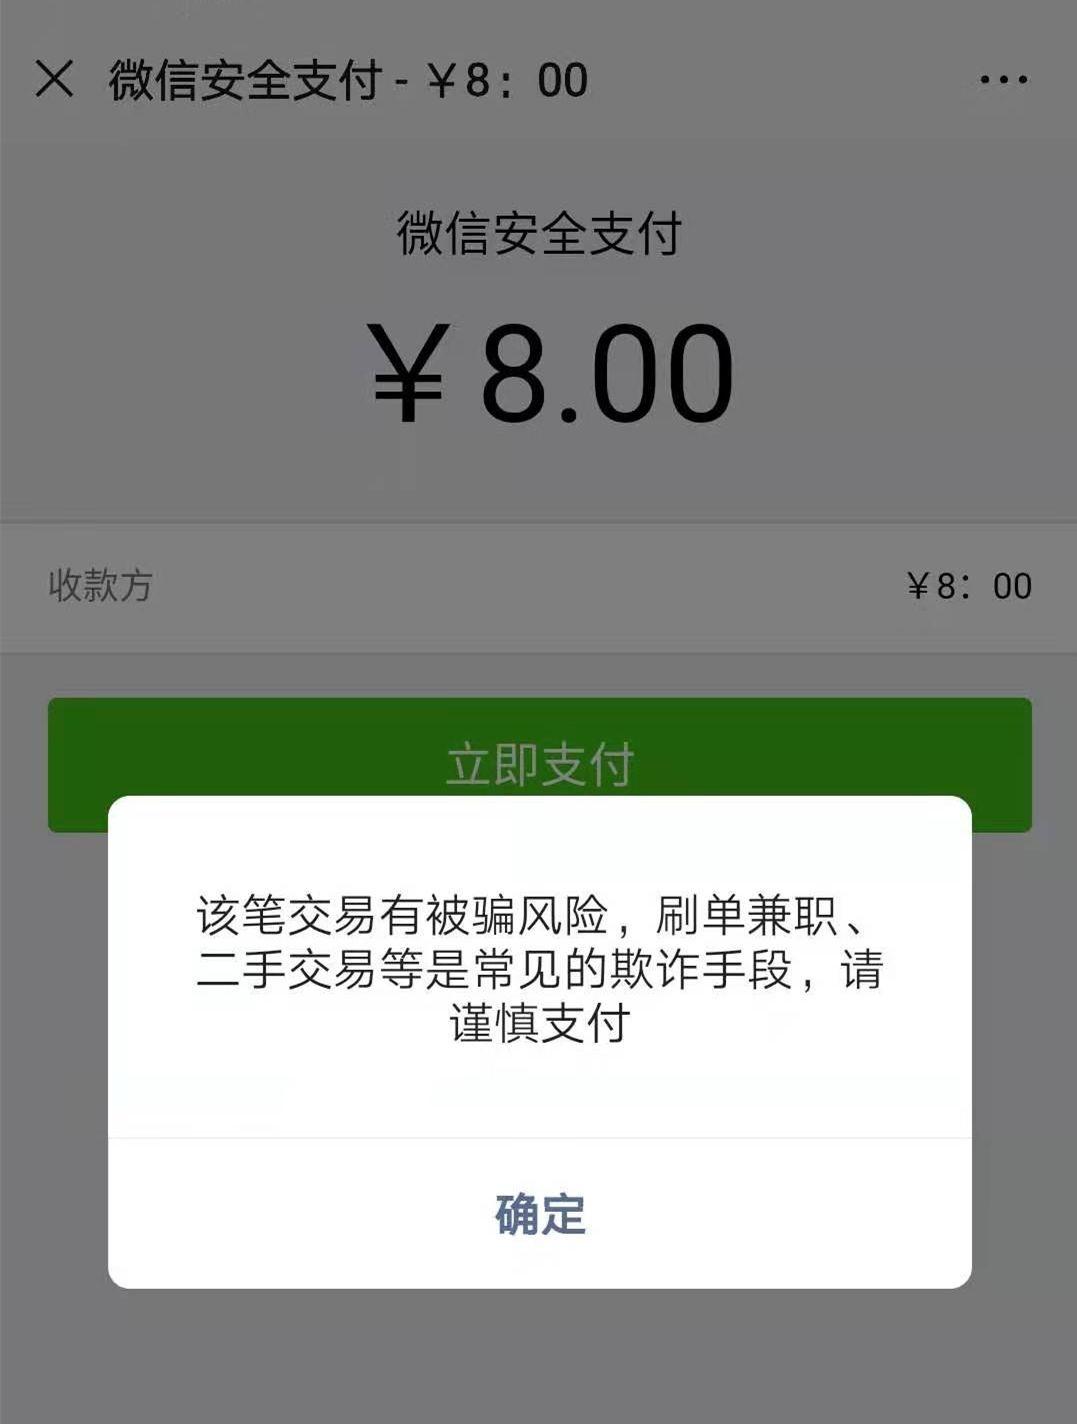 新型诈骗:支付8元入同城交友群,结果被秒扣800元